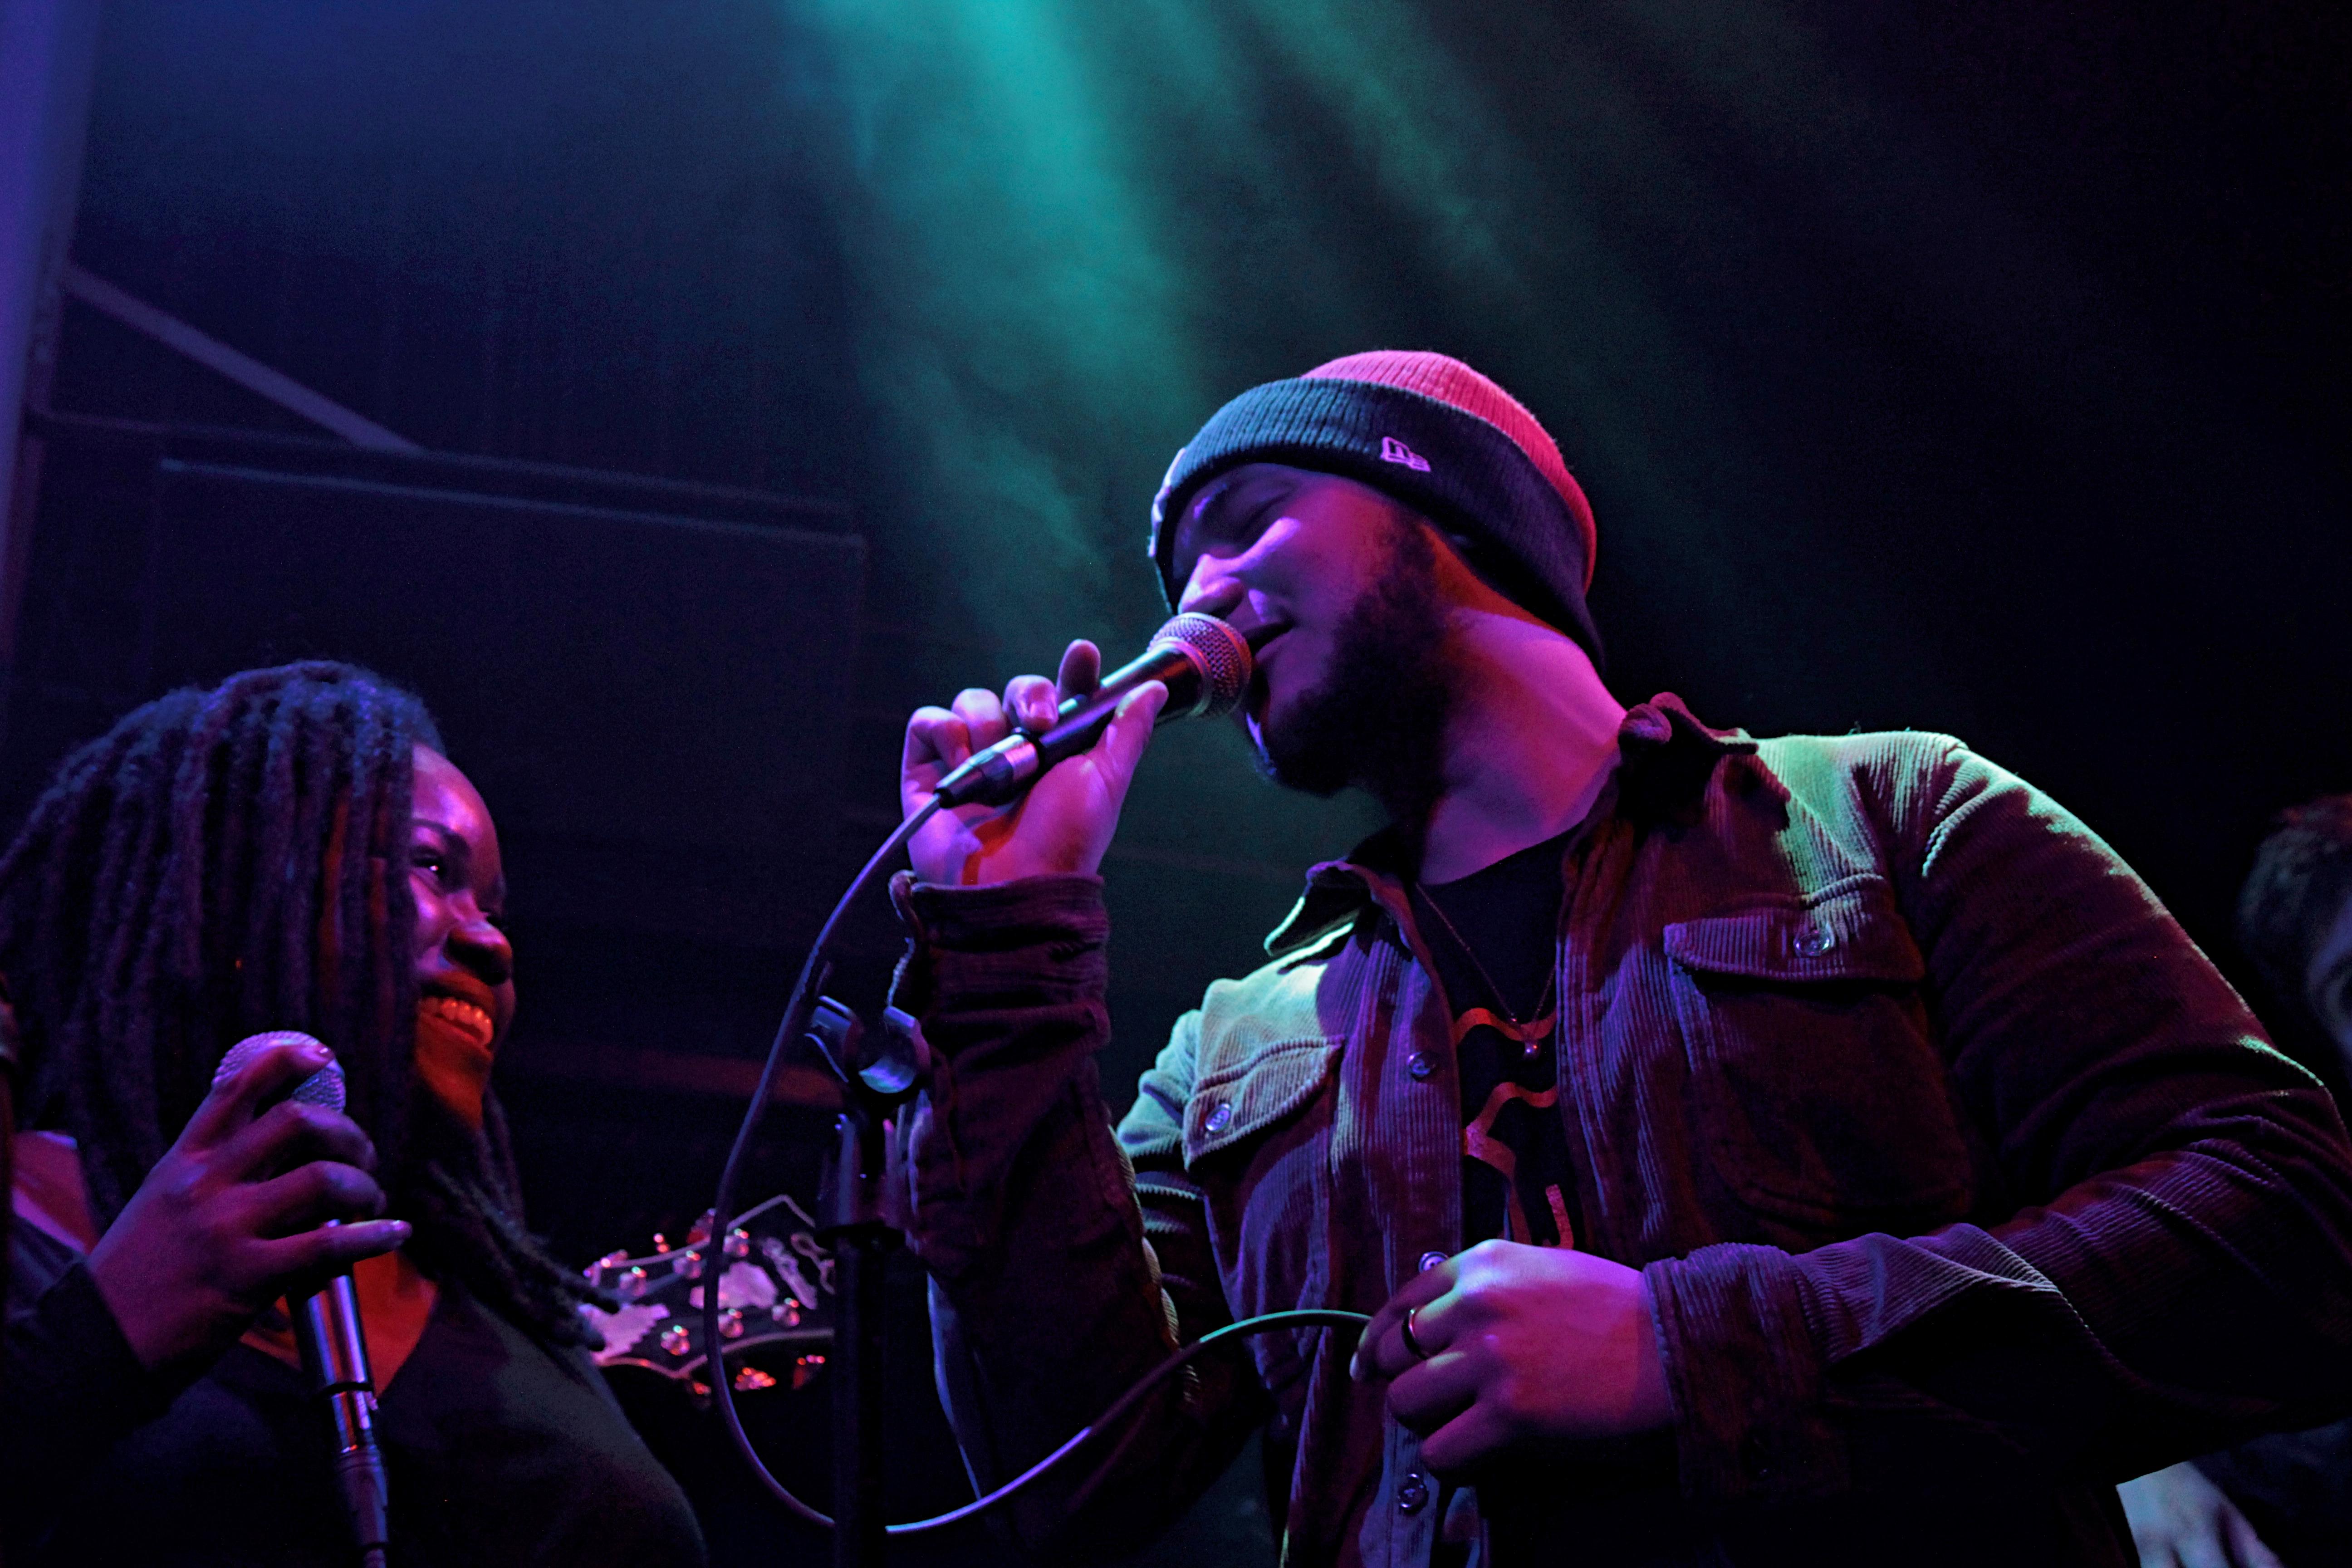 Zara McFarlane and Renato Paris singing at The Jazz Cafe, London